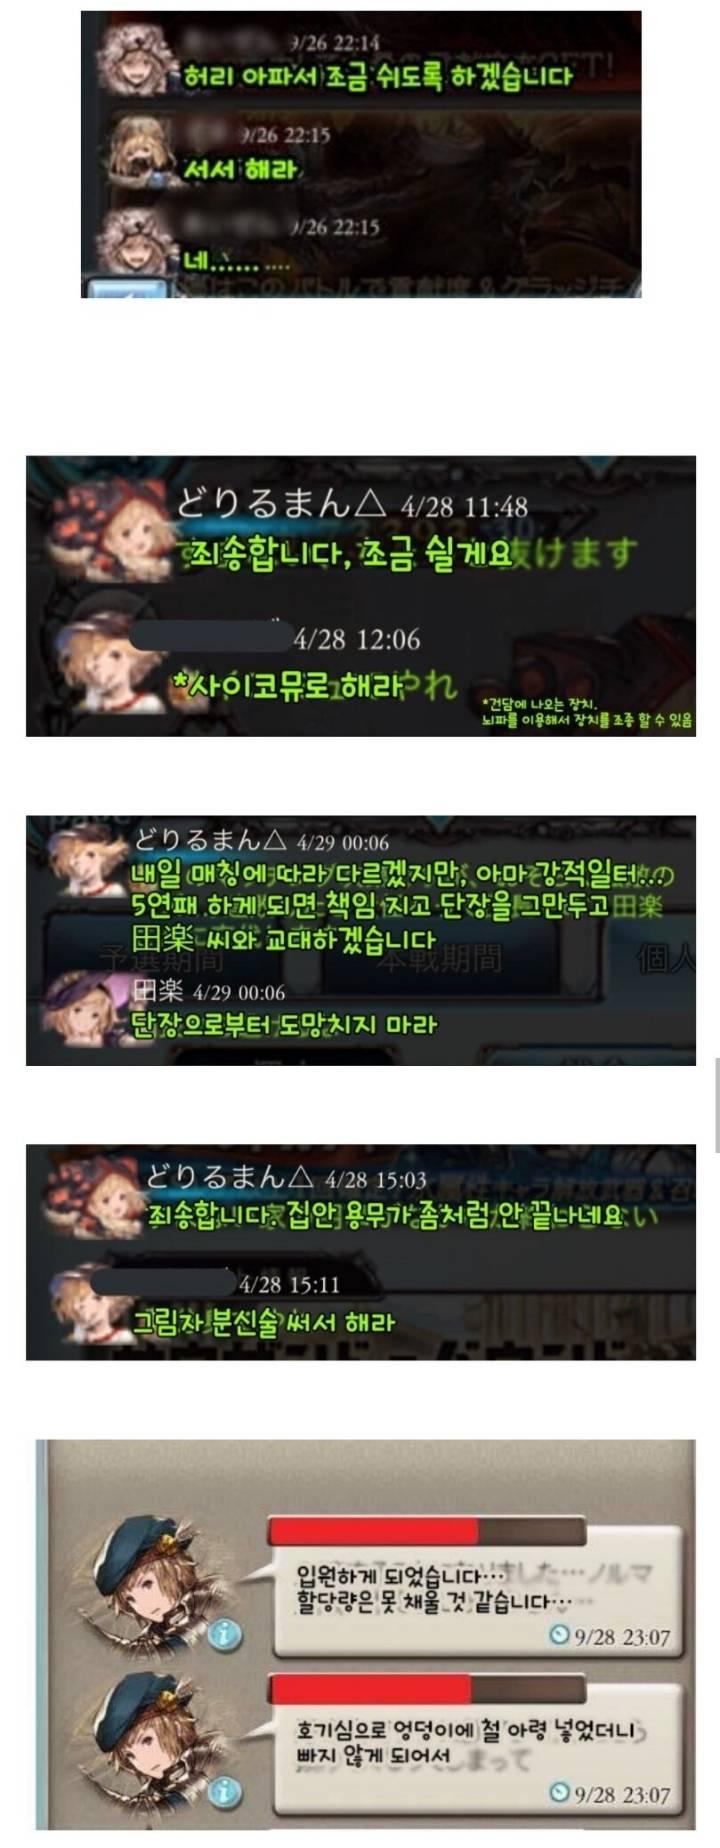 공포의 일본게임 채팅 | 인스티즈